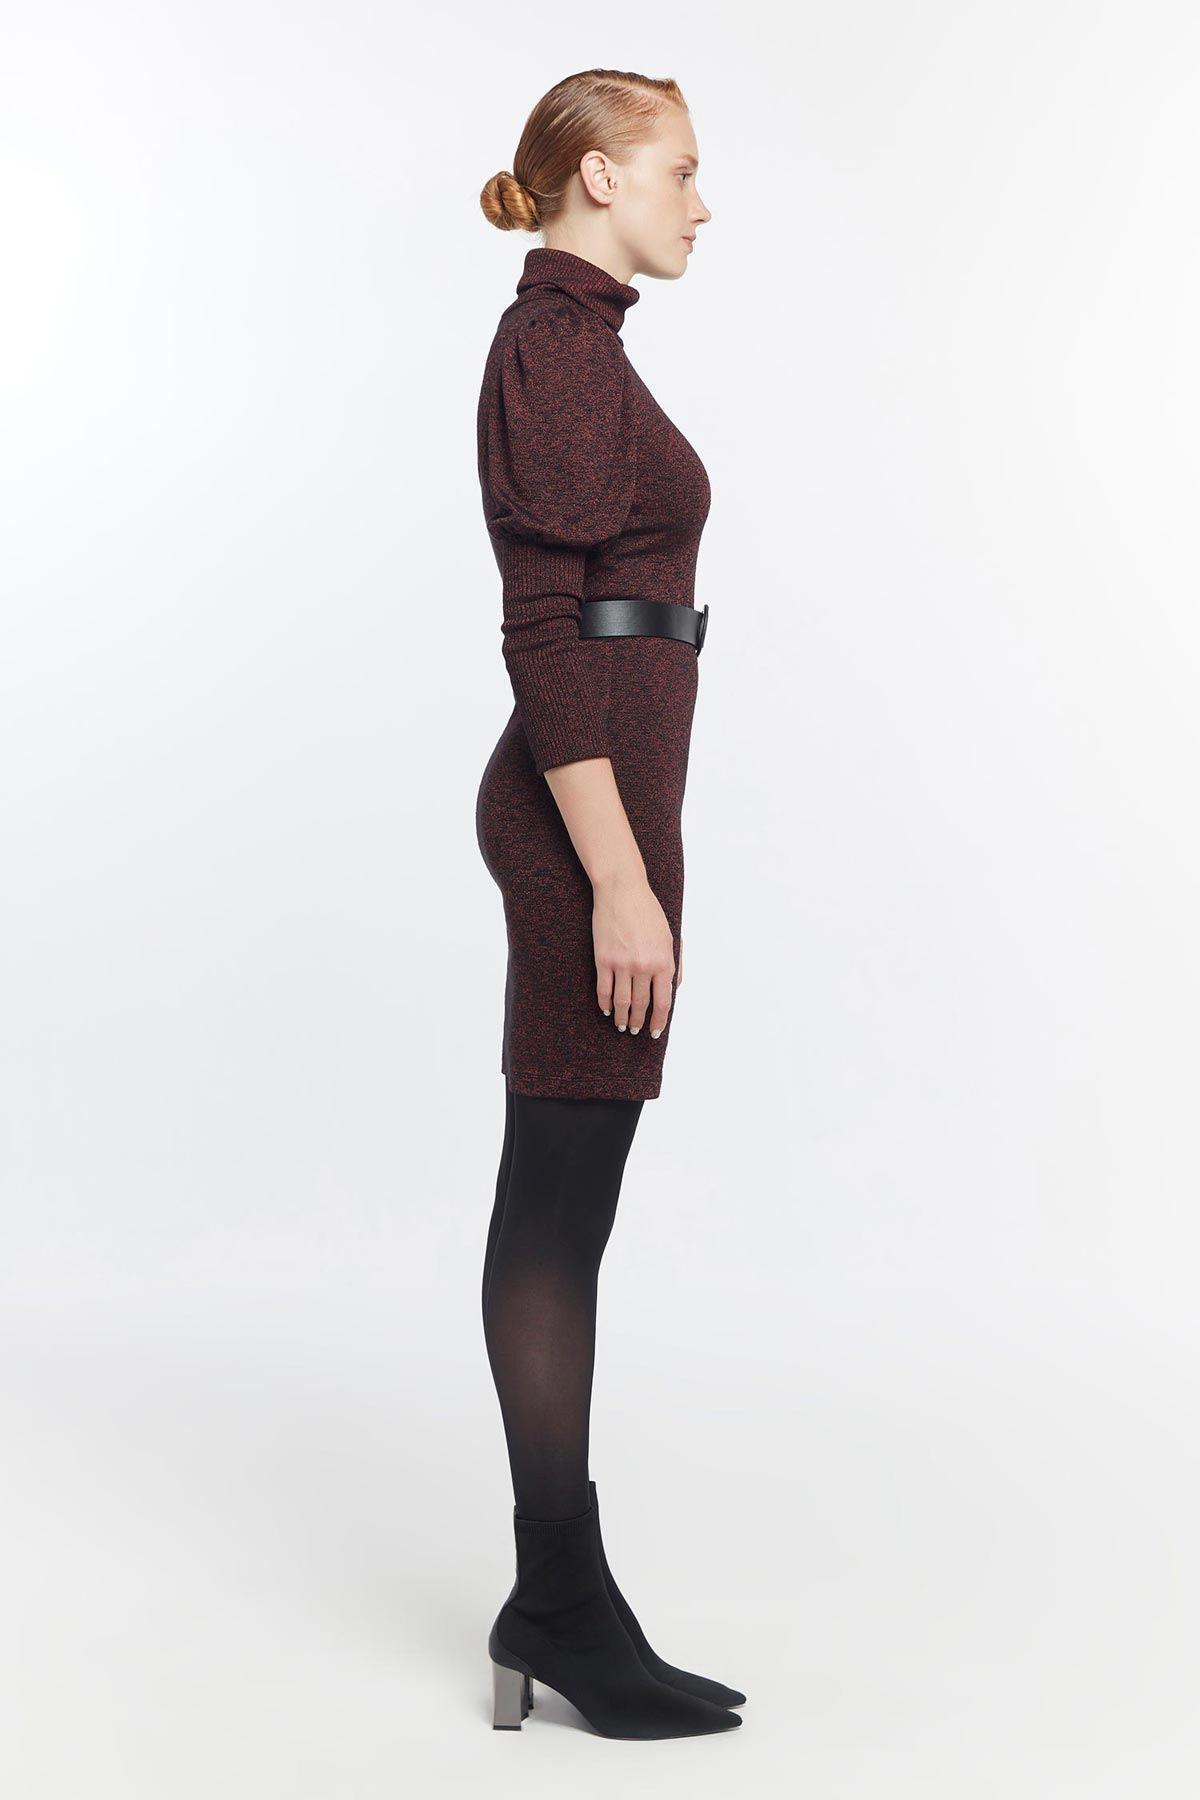 Streç örme elbise Bordo